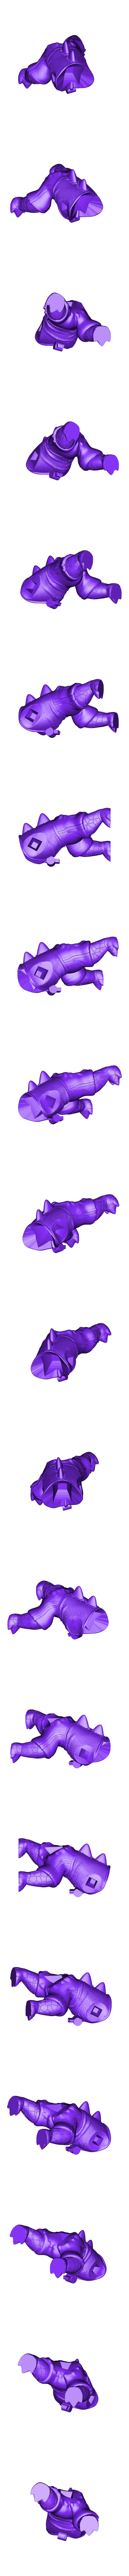 Renekton Chibi 20cm - Body.stl Télécharger fichier STL gratuit Renekton Chibi - League Of Legends • Objet pour impression 3D, BODY3D